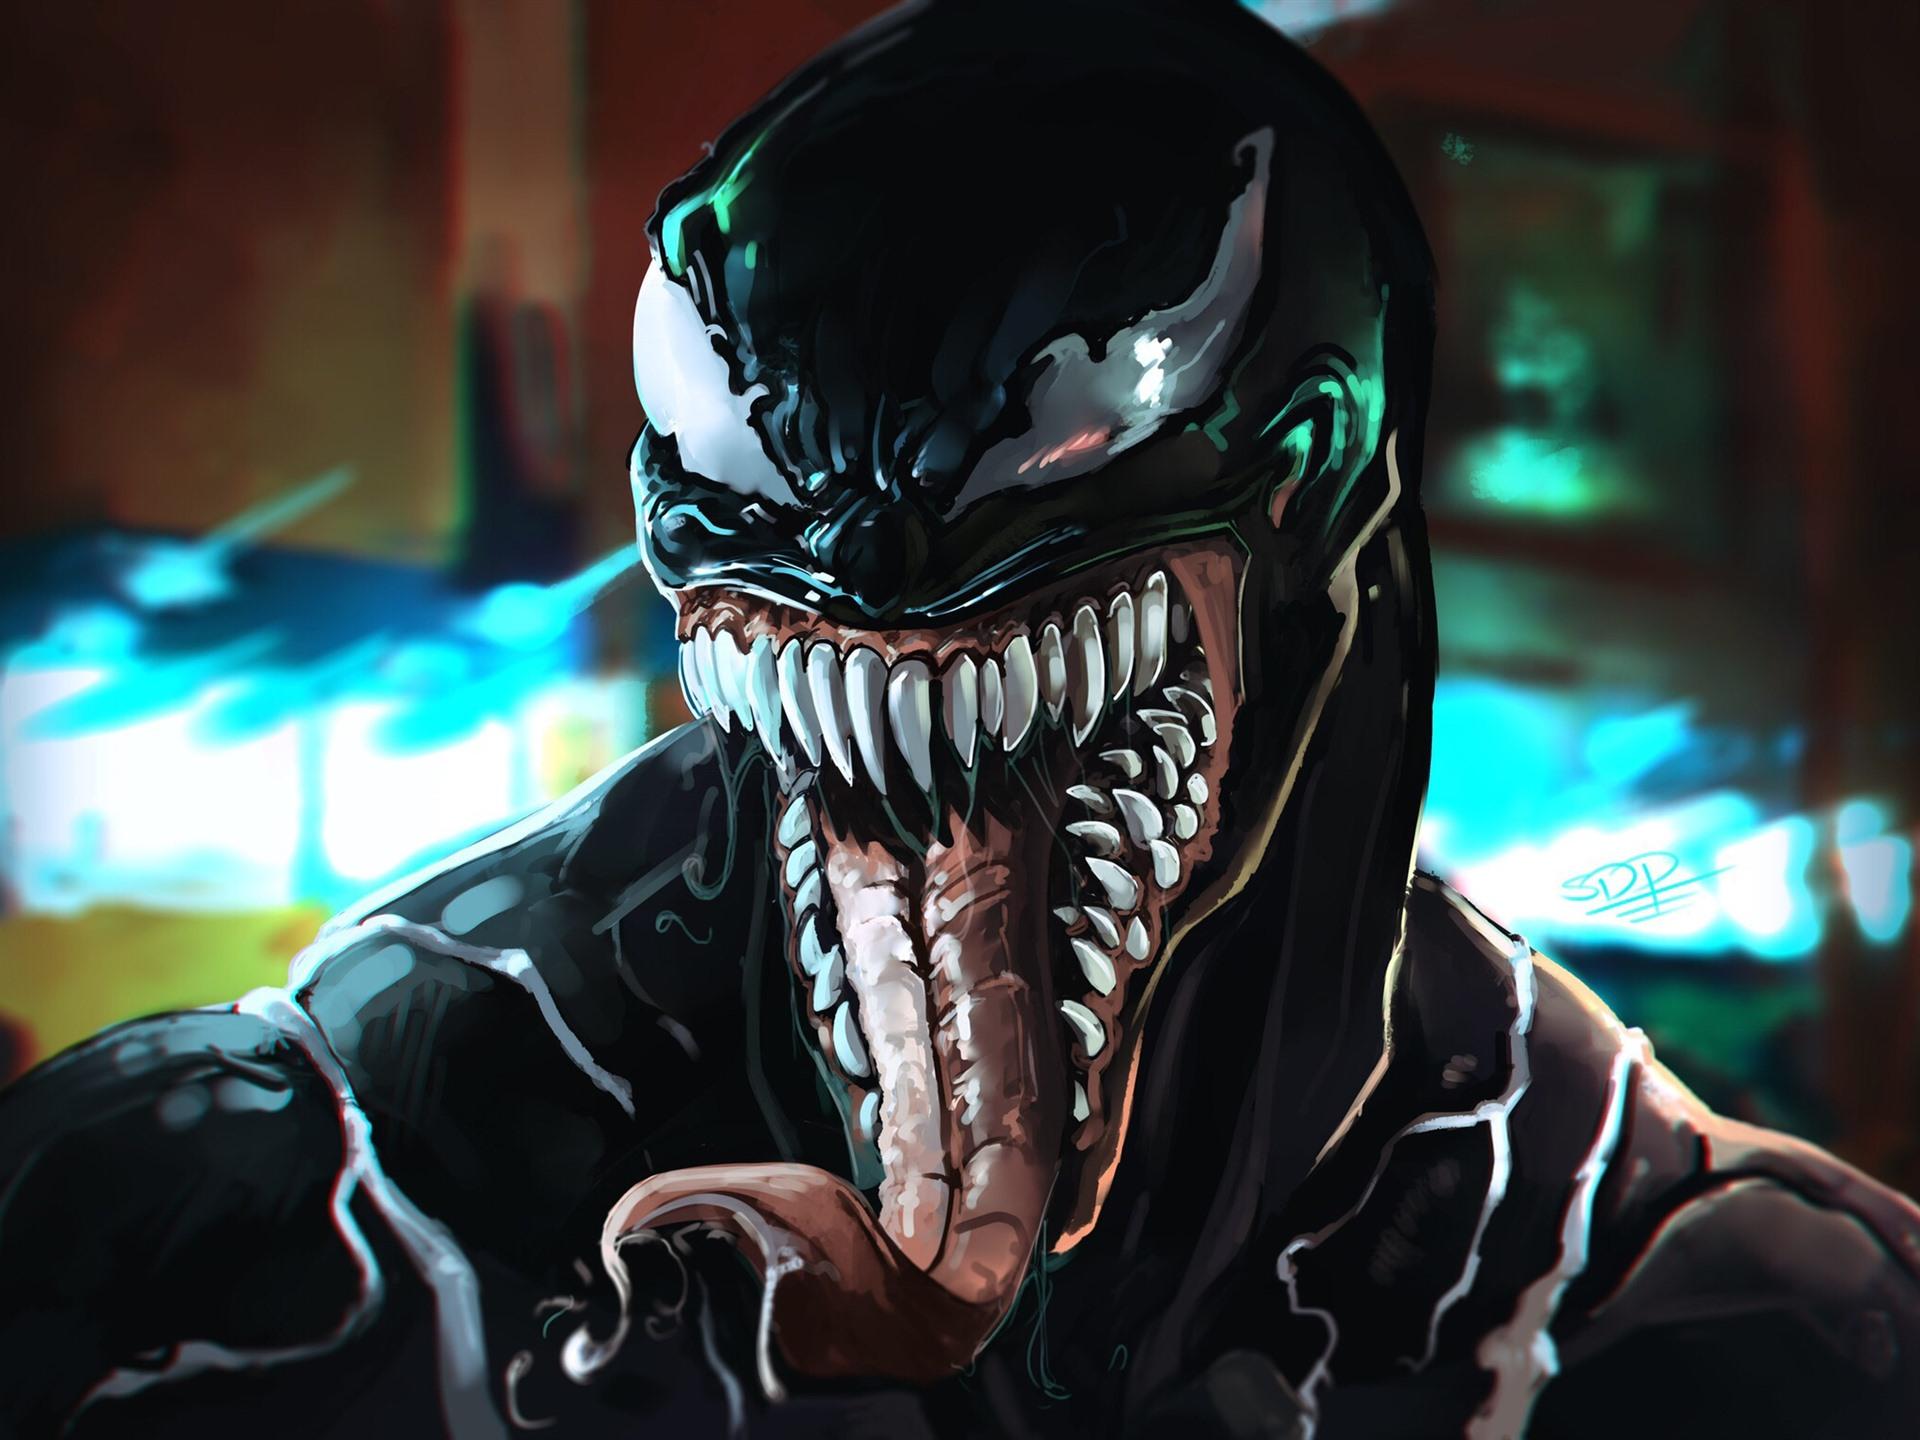 Fonds D Ecran Venom Dc Bd Photo D Art 1920x1440 Hd Image